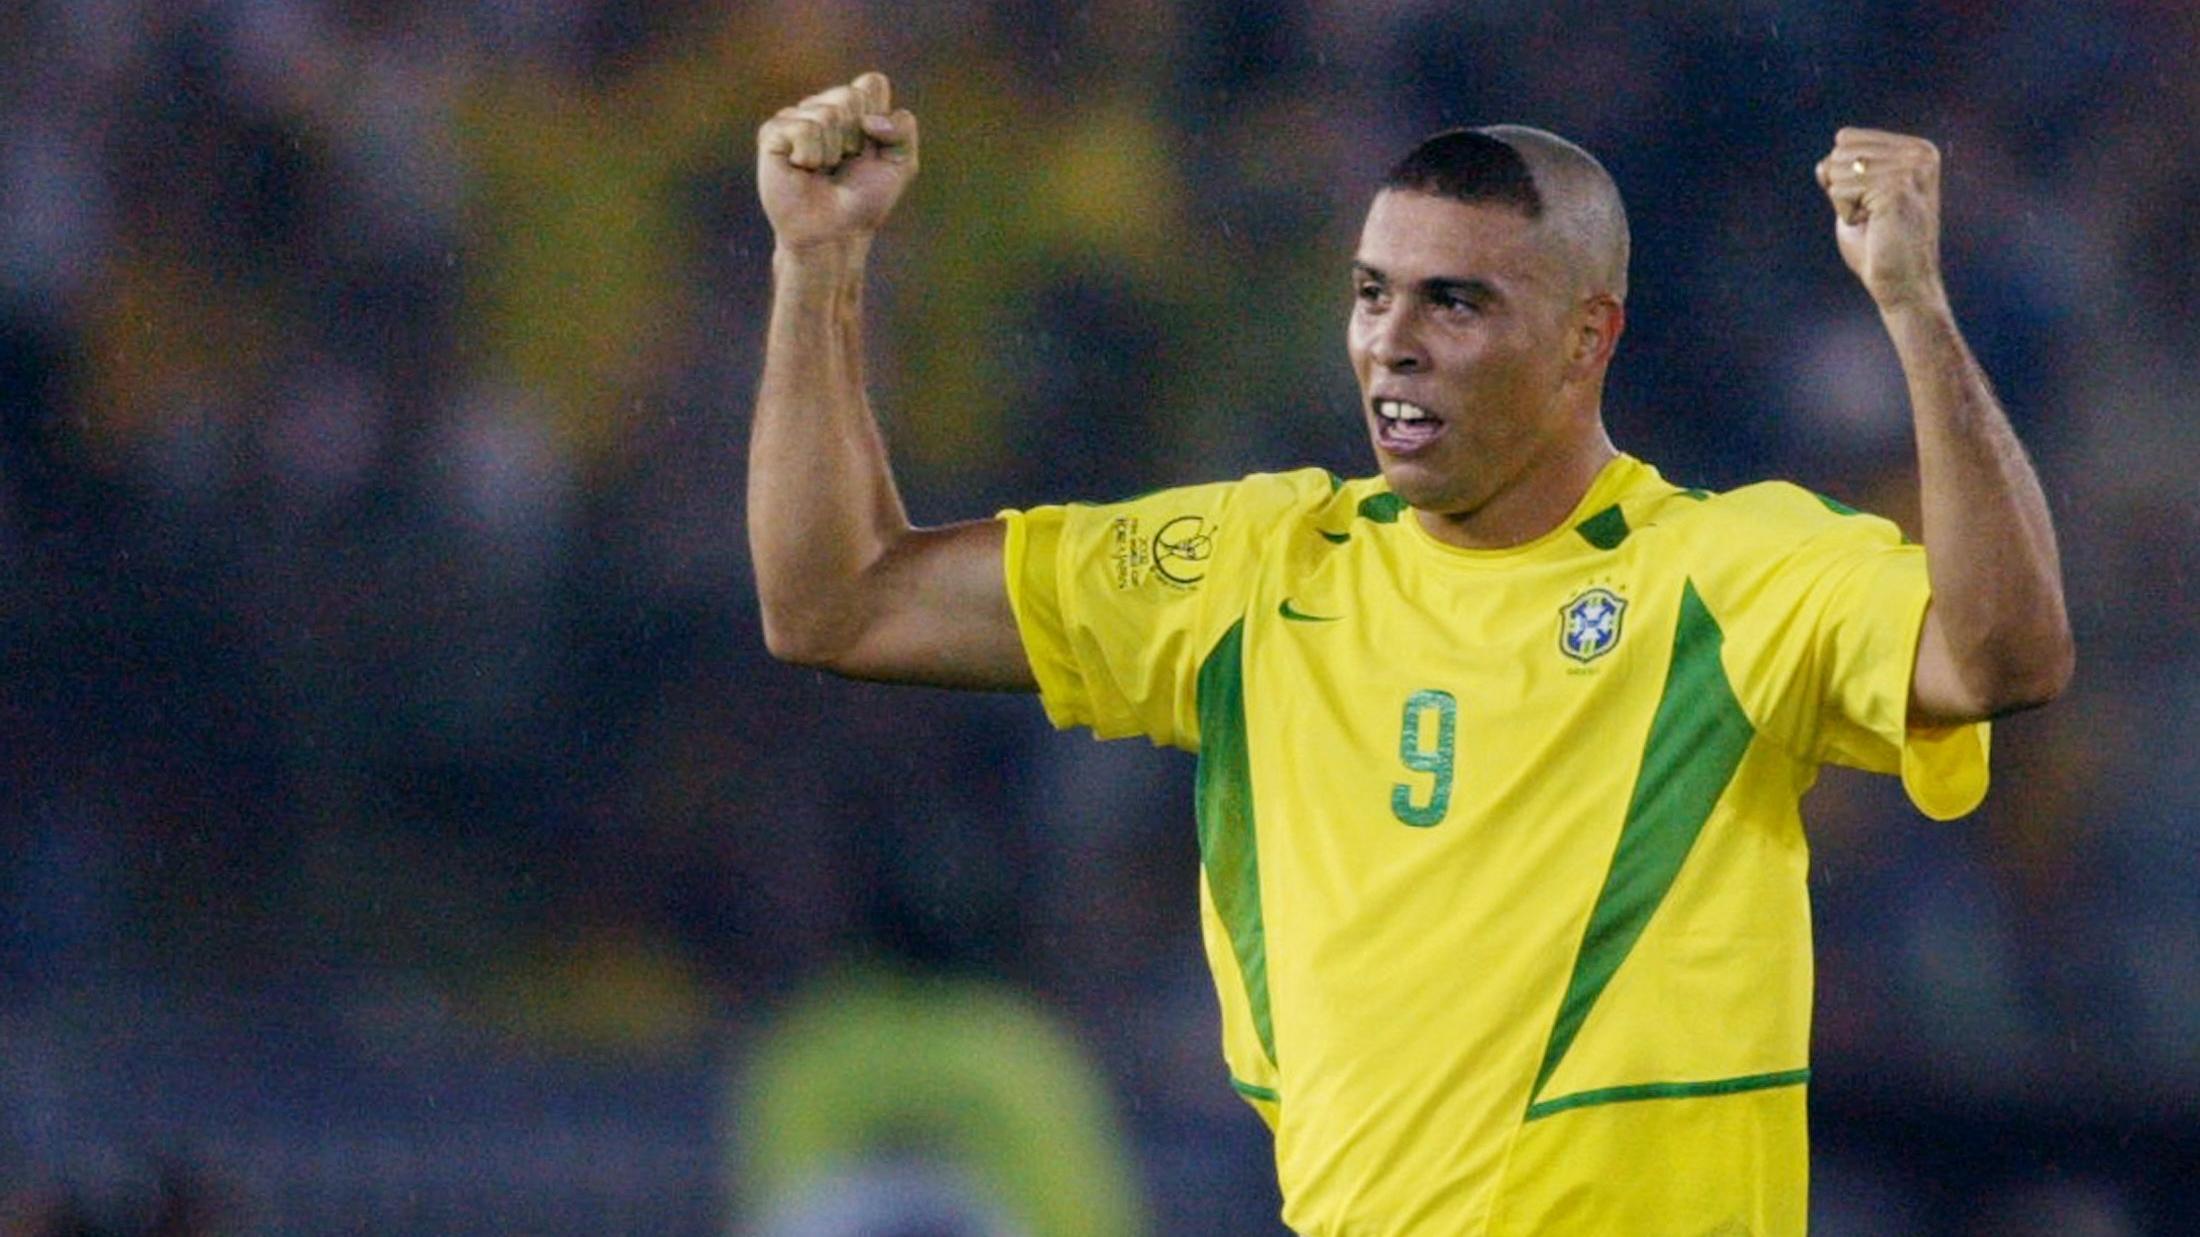 The Reason Behind Ridiculous Ronaldo Haircut